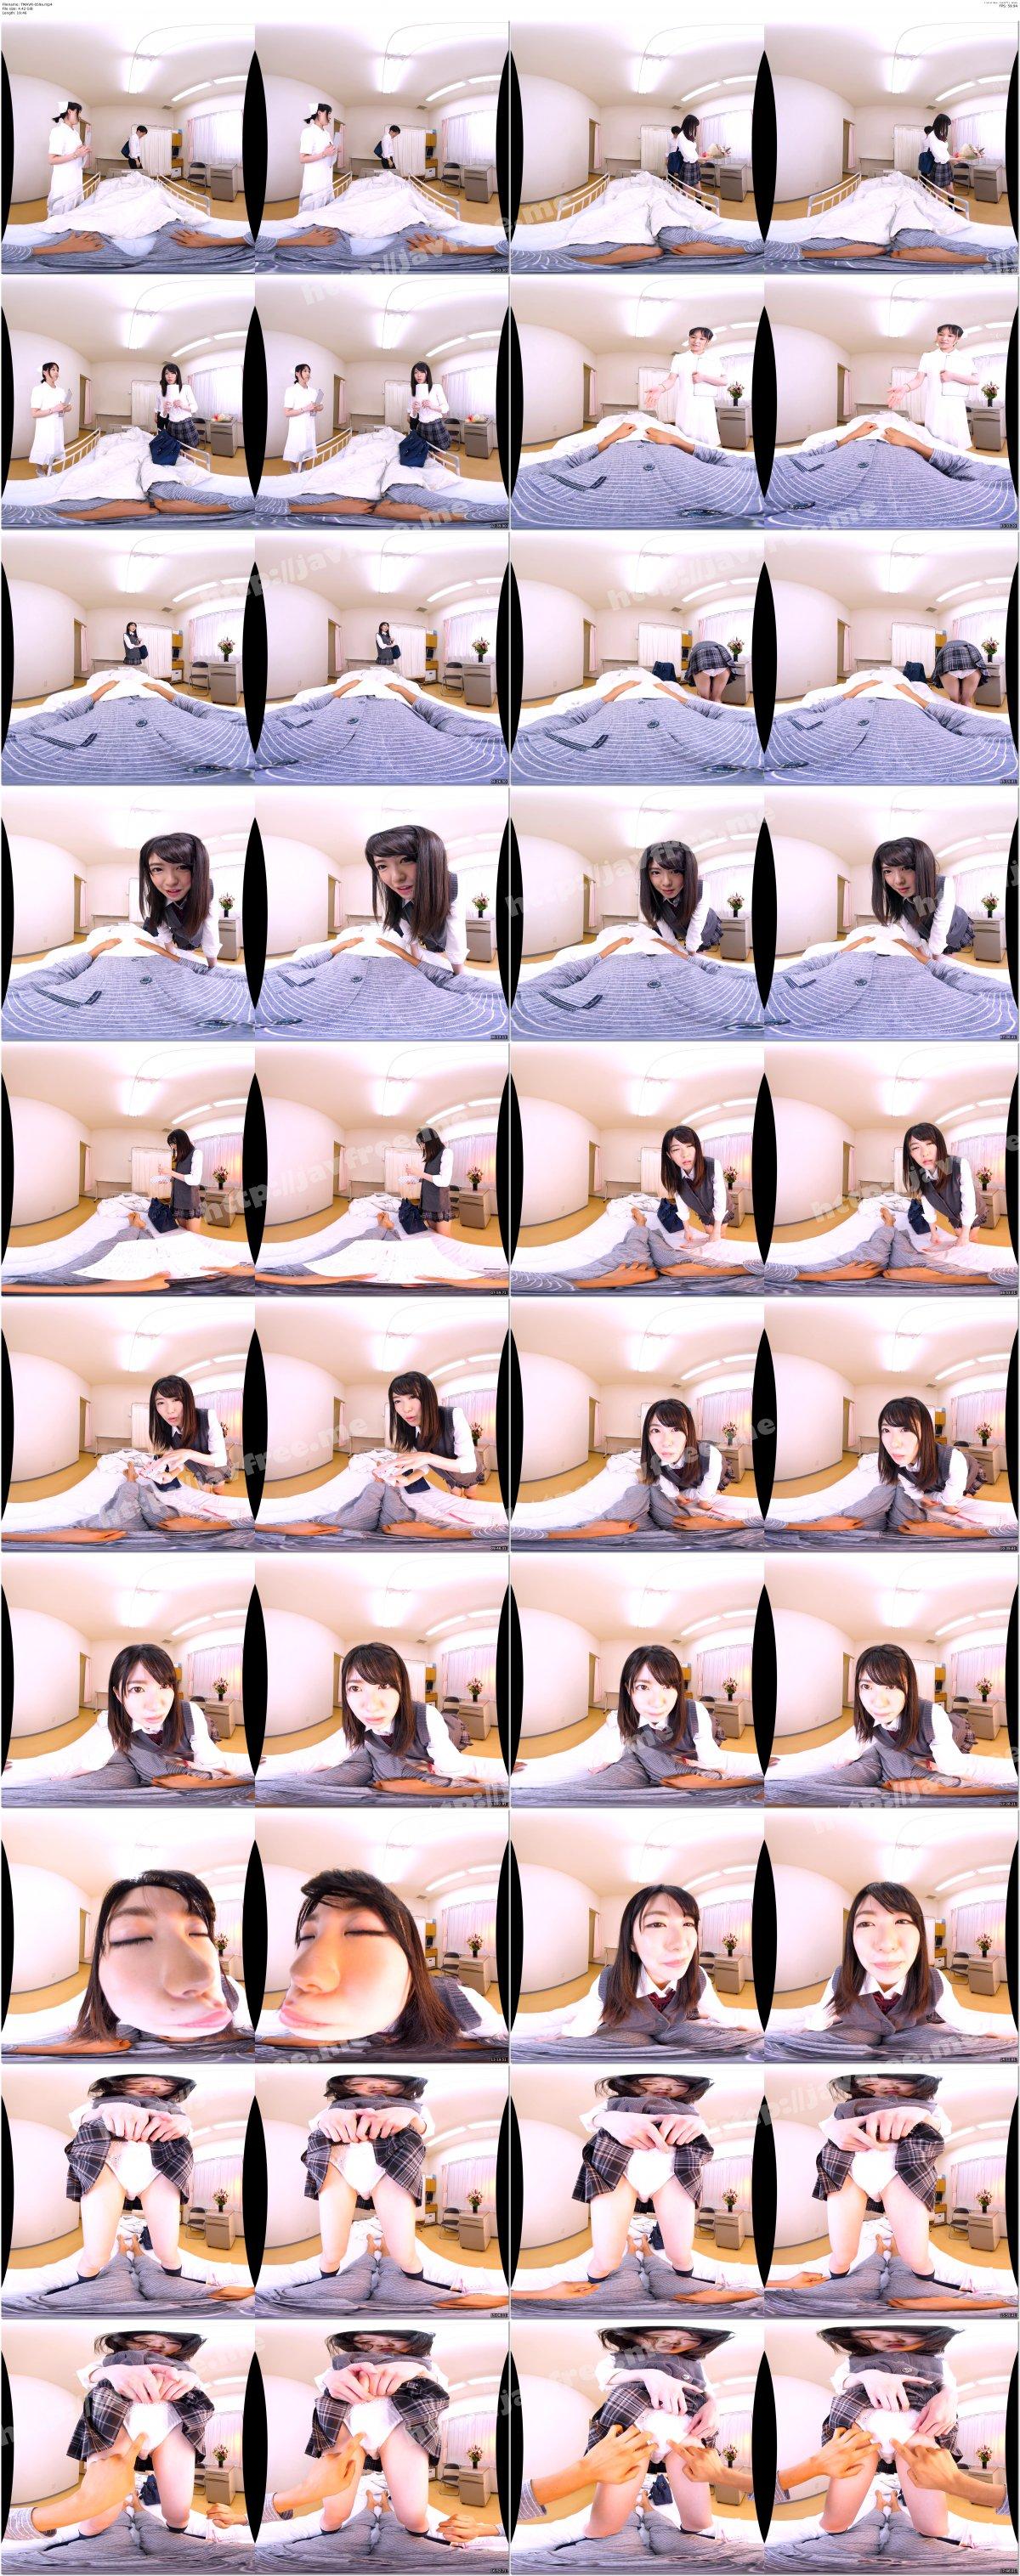 [TMAVR-059] 【VR】長尺VR 入院してる童貞のボクのお見舞いに来てくれたのは学校1の美少女深雪ちゃんだった。毎日お見舞いに来てくれる深雪ちゃんは、いつの間にか看護師に内緒でフェラしてくれたり遂には筆おろしまでしてくれて中出しSEXしてしまった!